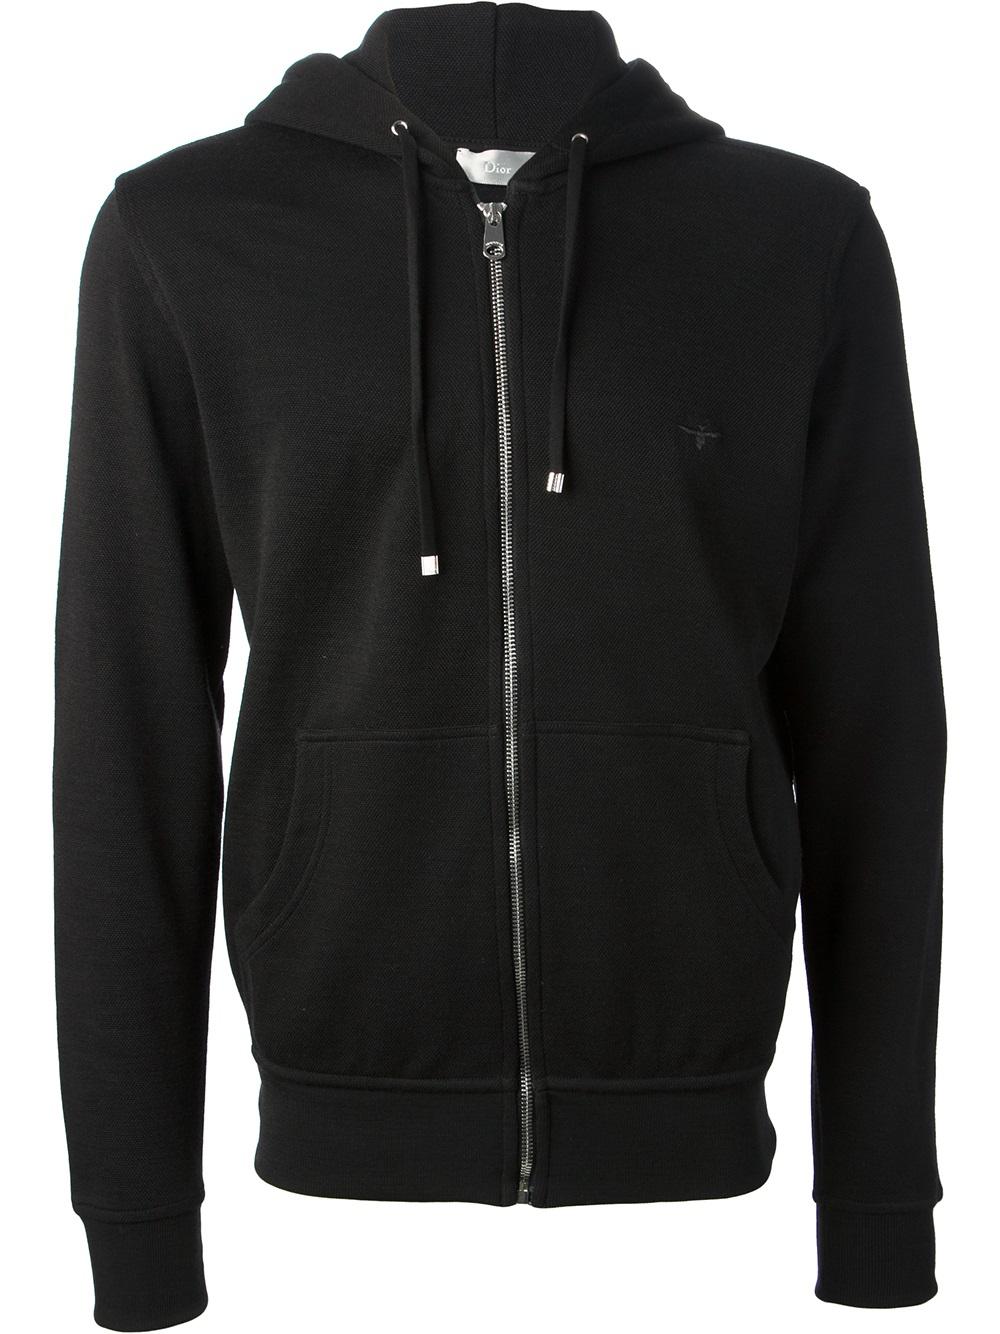 Black Zip Ties >> Dior Zipped Hoodie in Black for Men | Lyst